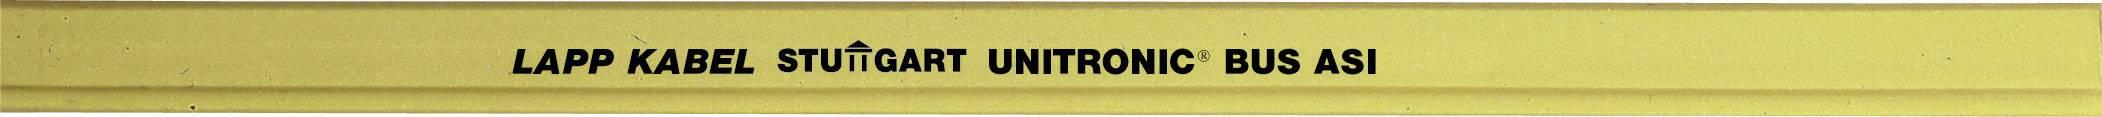 Sběrnicový kabel LAPP UNITRONIC® BUS 2170842, žlutá, 500 m